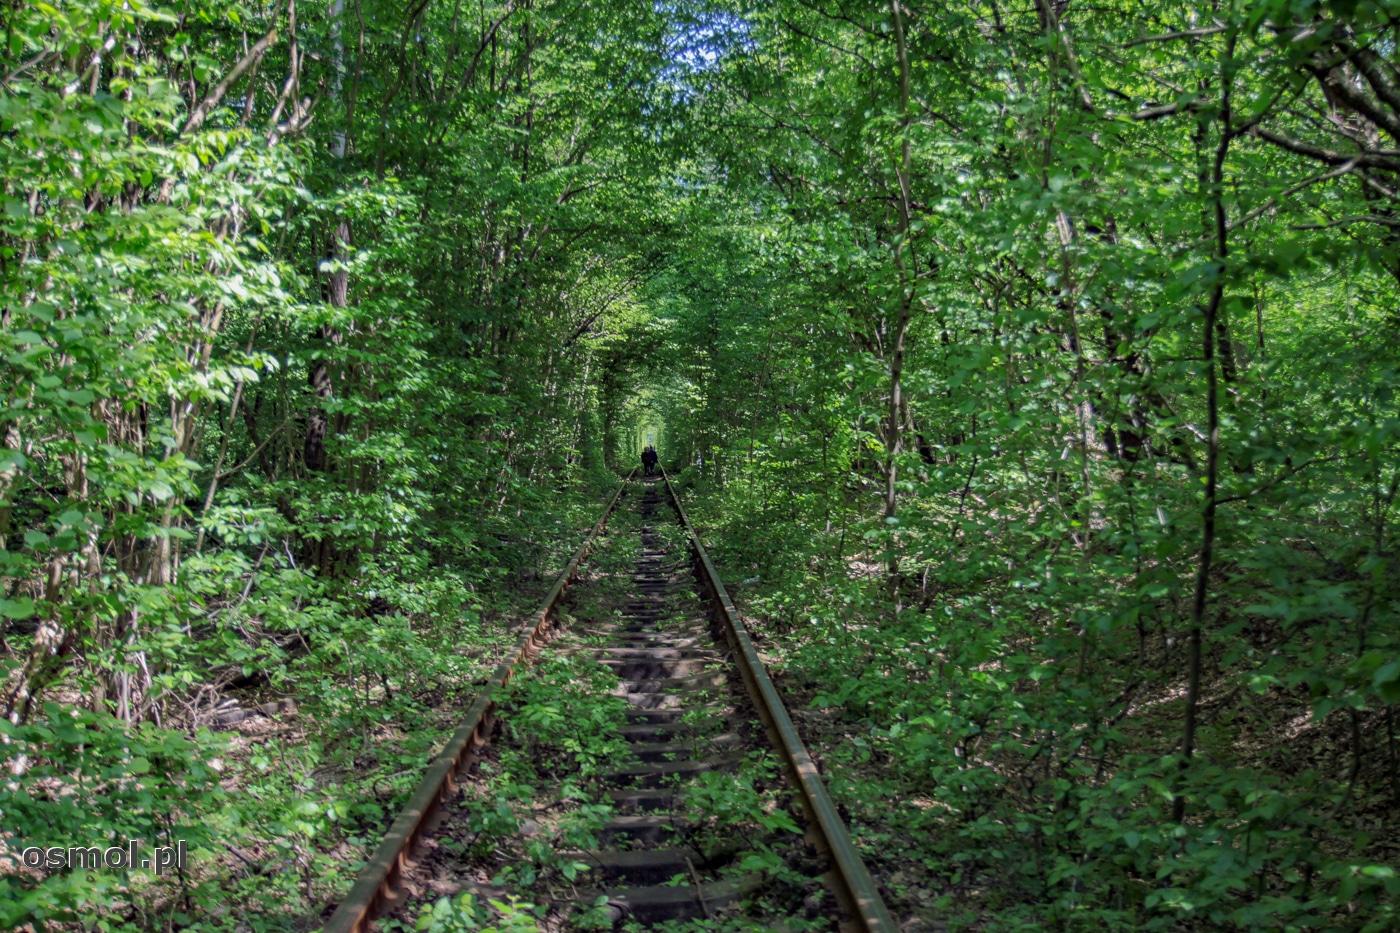 Tunel miłości powstał w sumie przypadkowo. Nad torami kolei wytyczonej przez las , zamykają się gałęzie drzew, tworząc niepowtarzalny nastrój.